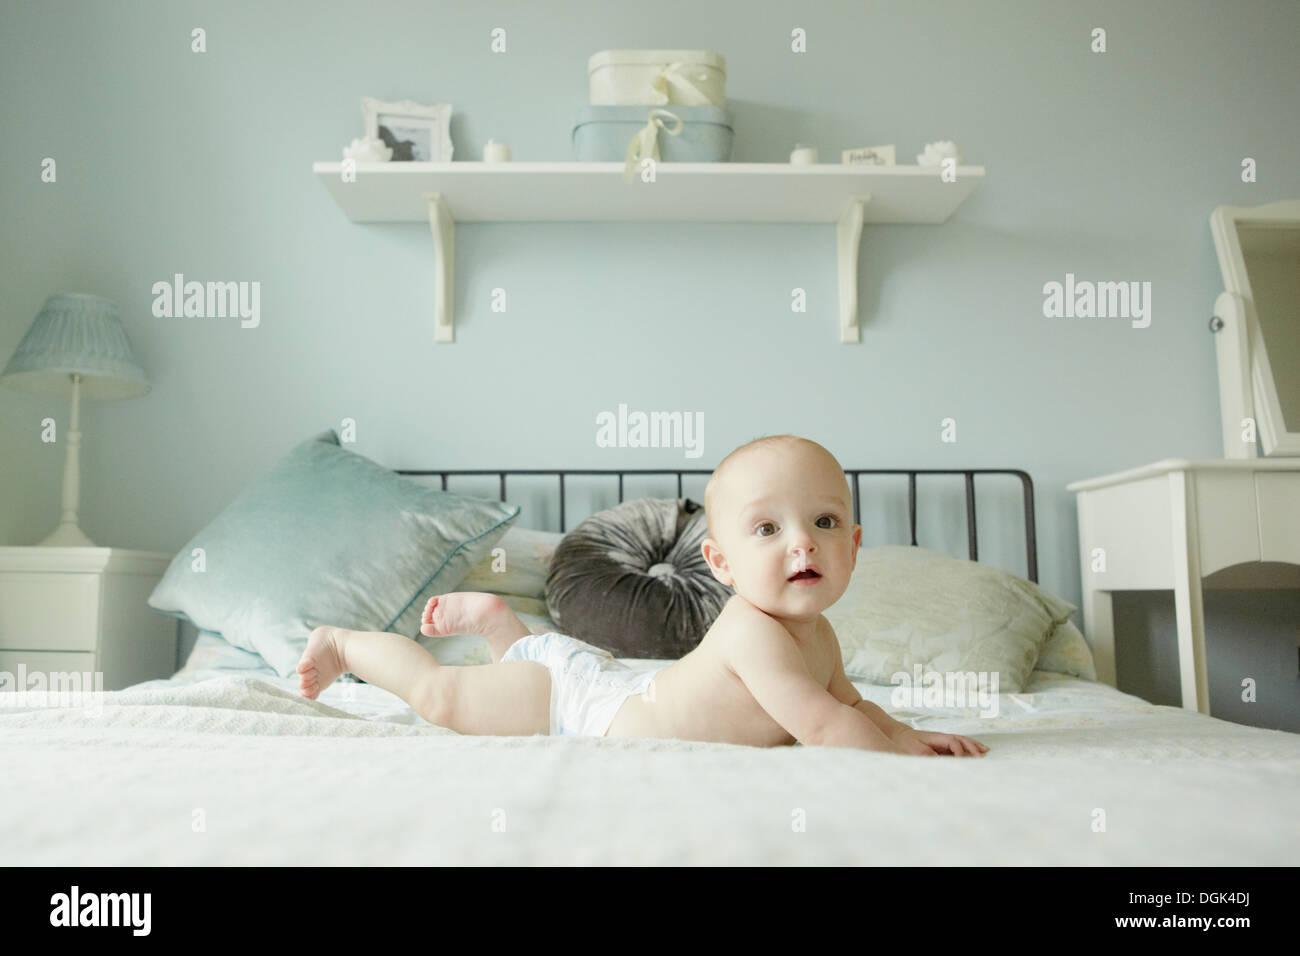 Bambino giacente sulla parte anteriore sul letto Immagini Stock